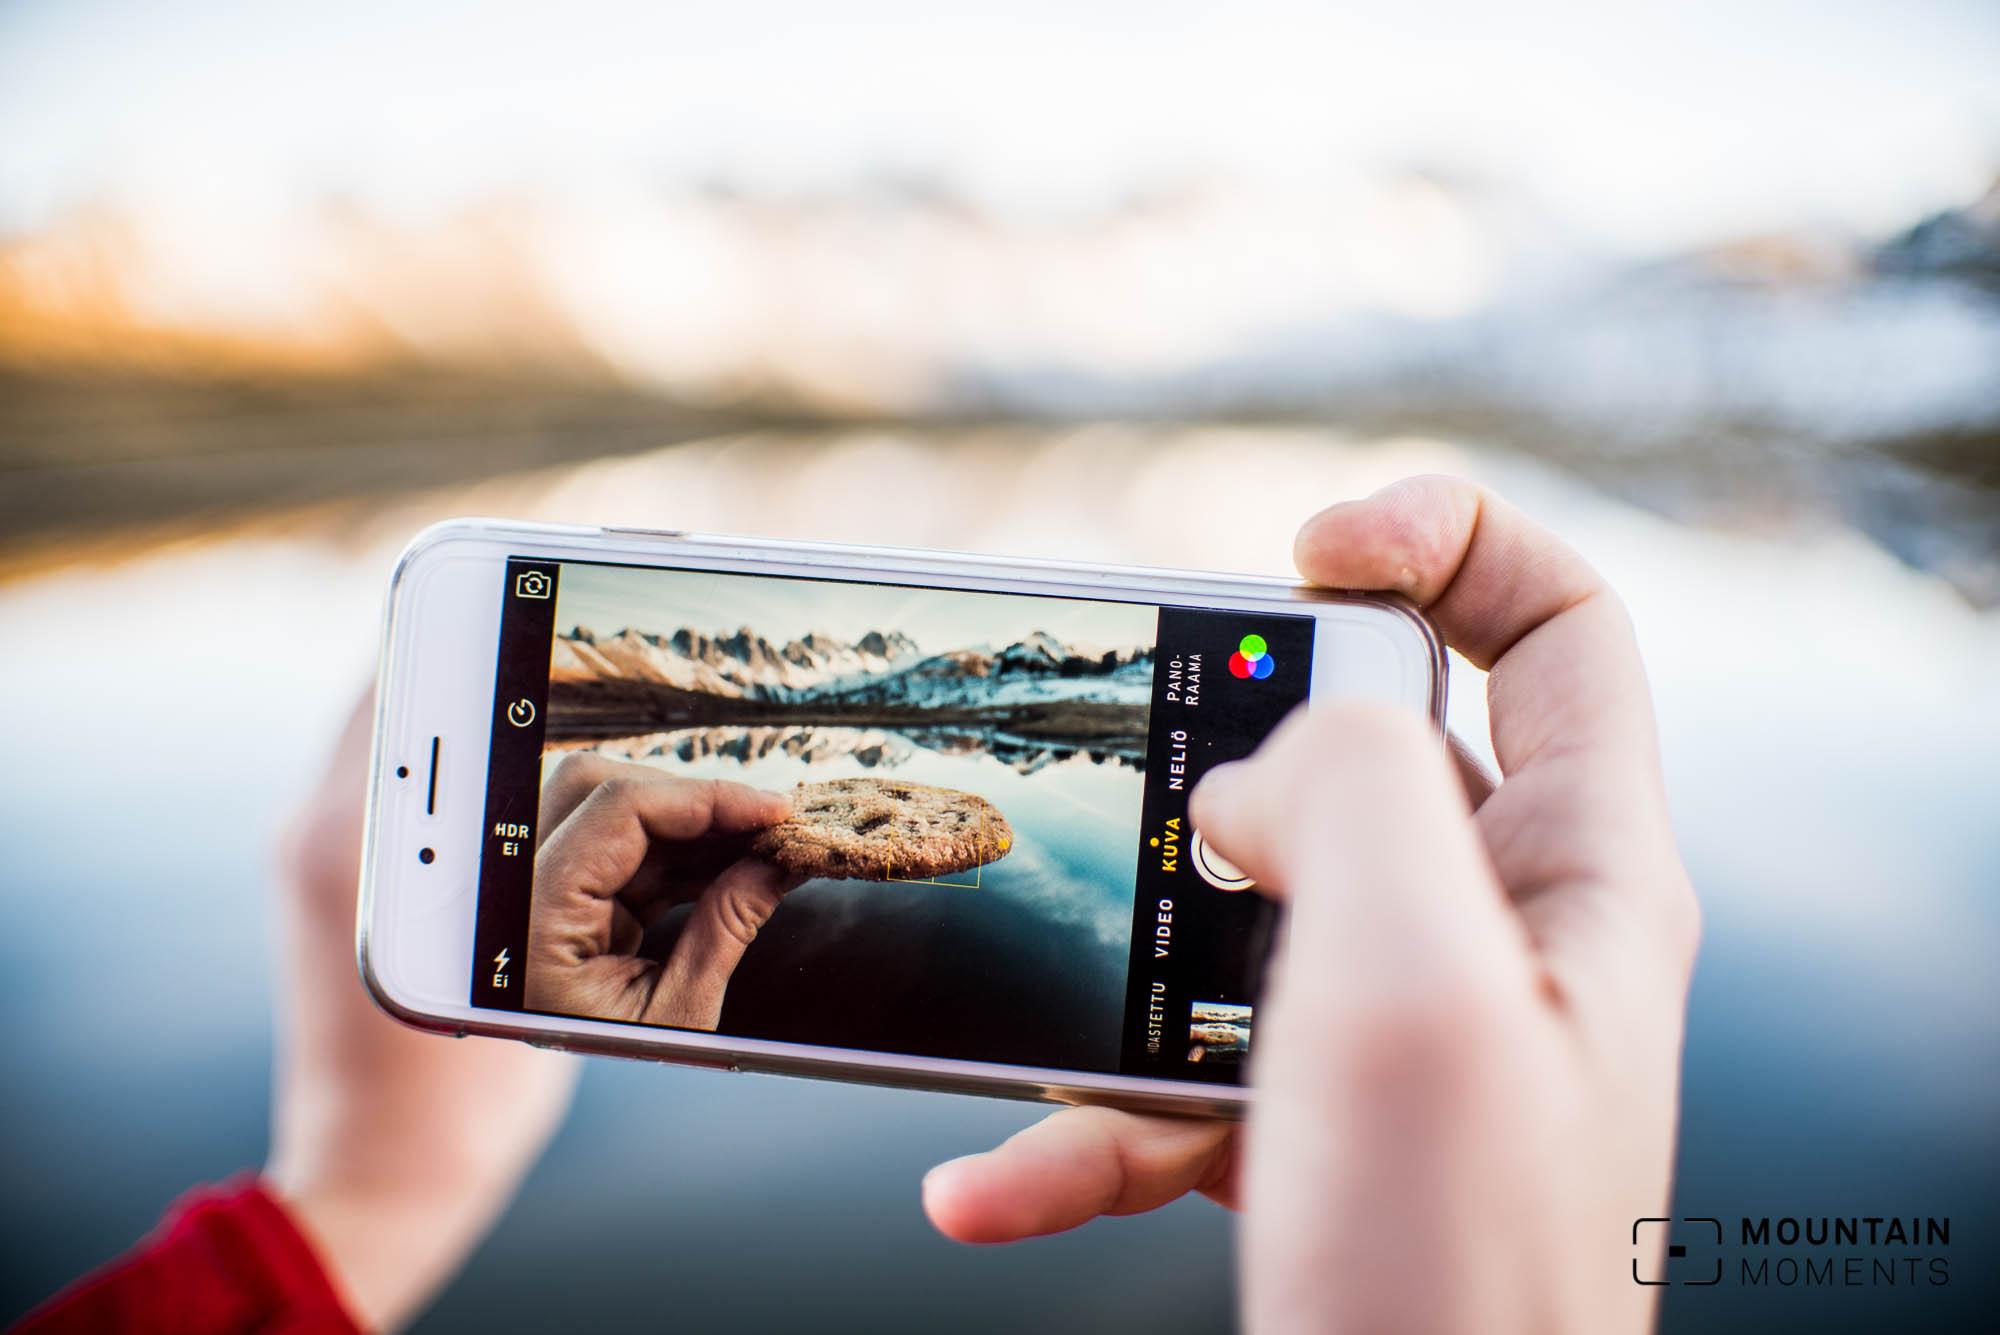 social media fotografie, social media marketing fotografie, foto workshop alpen, fotoworkshop storytelling, workshop storytelling, workshop bergfotografie, foto incentive, fotografie berghochzeit, fotograf berghochzeit, fotograf event alpen, fotograf social media